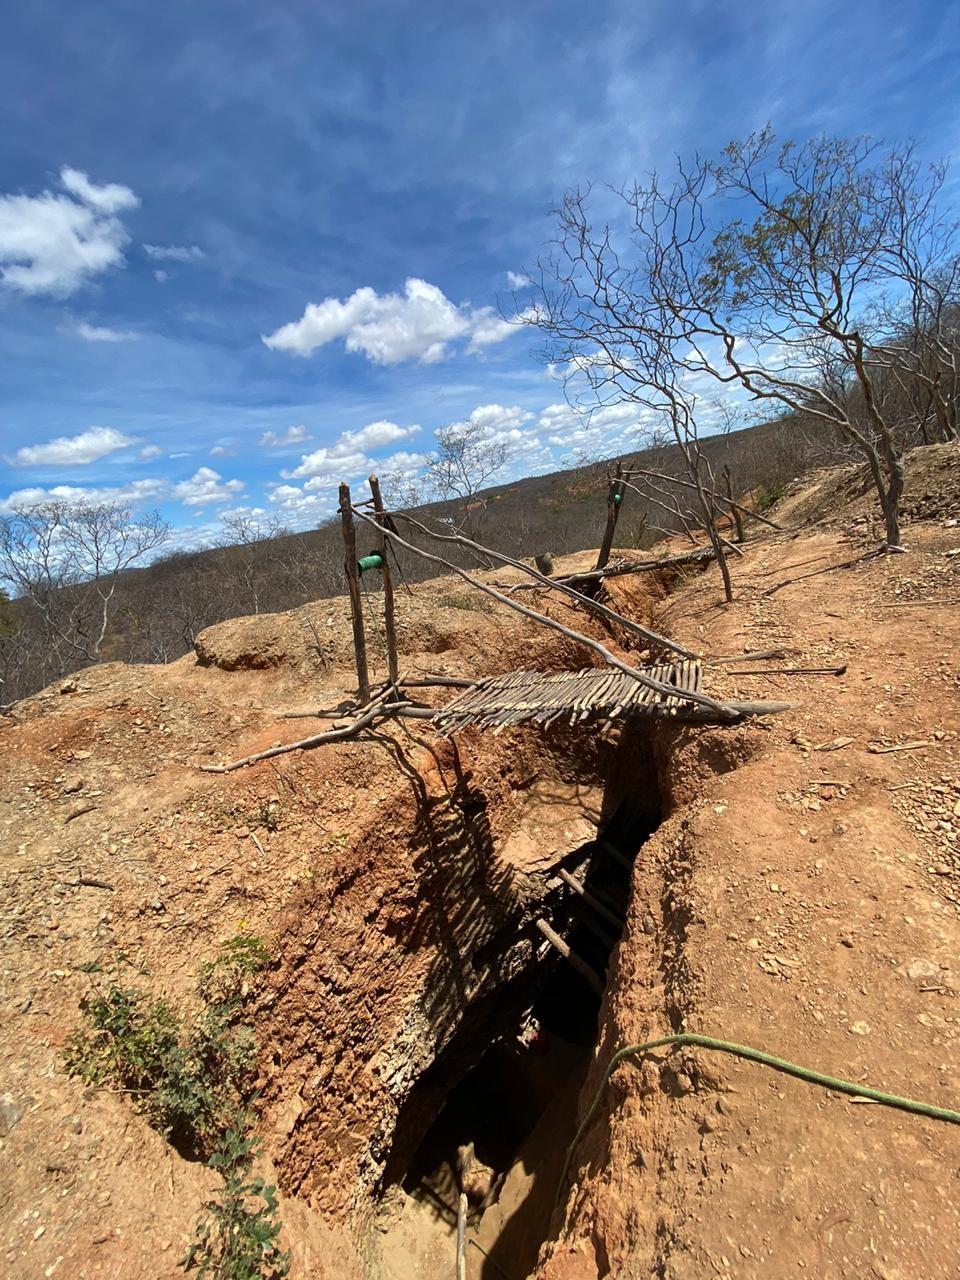 MPF e PF realizam segunda fase da Operação Frígia, em combate à prática de crimes ambientais no Sertão de Pernambuco